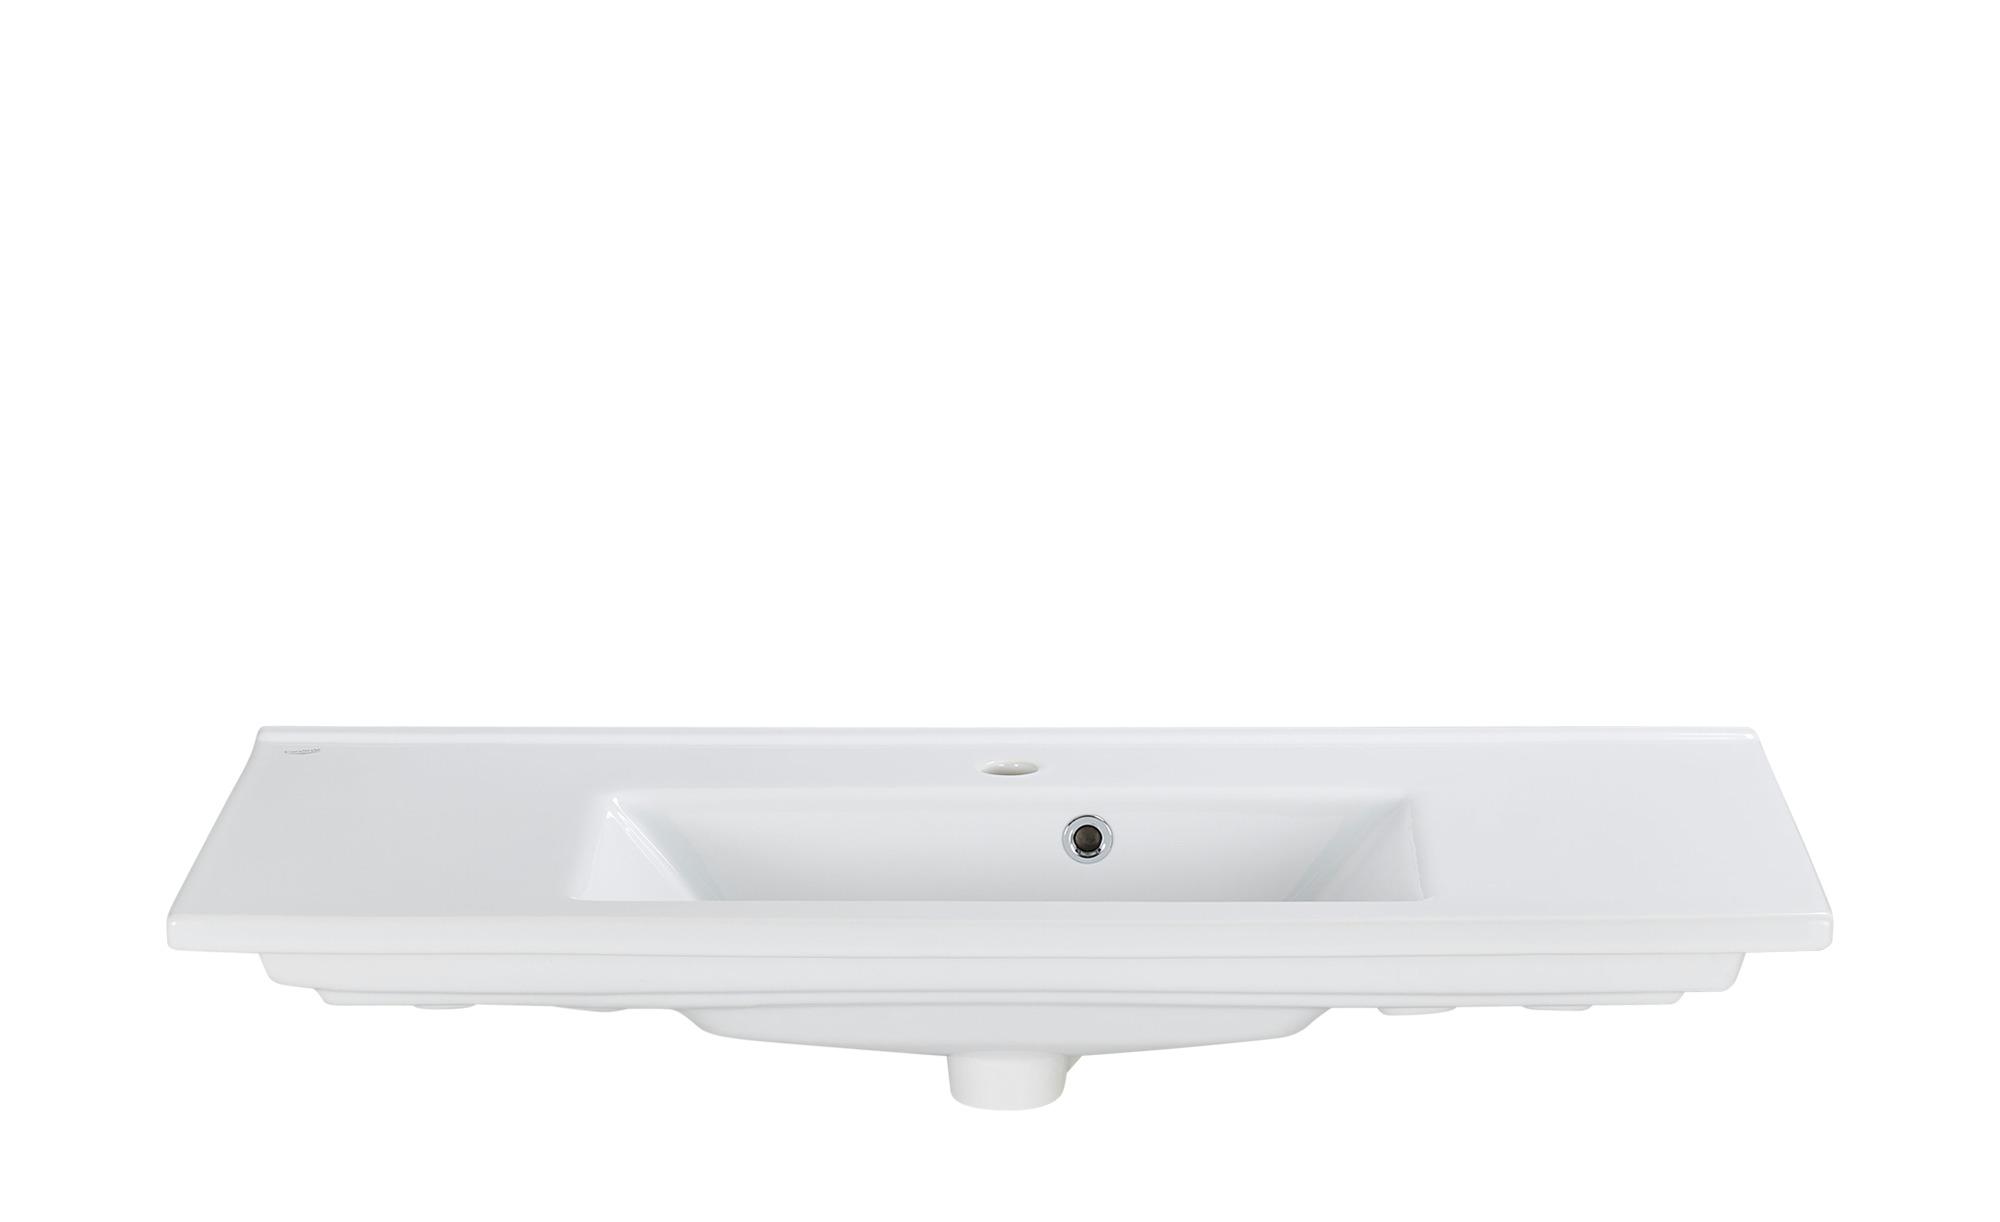 smart Bad-Keramik-Waschtisch Onda - 100 cm - 2 cm - 45 cm - Schränke >  Badschränke > Sanitär-Armaturen - Möbel Kraft